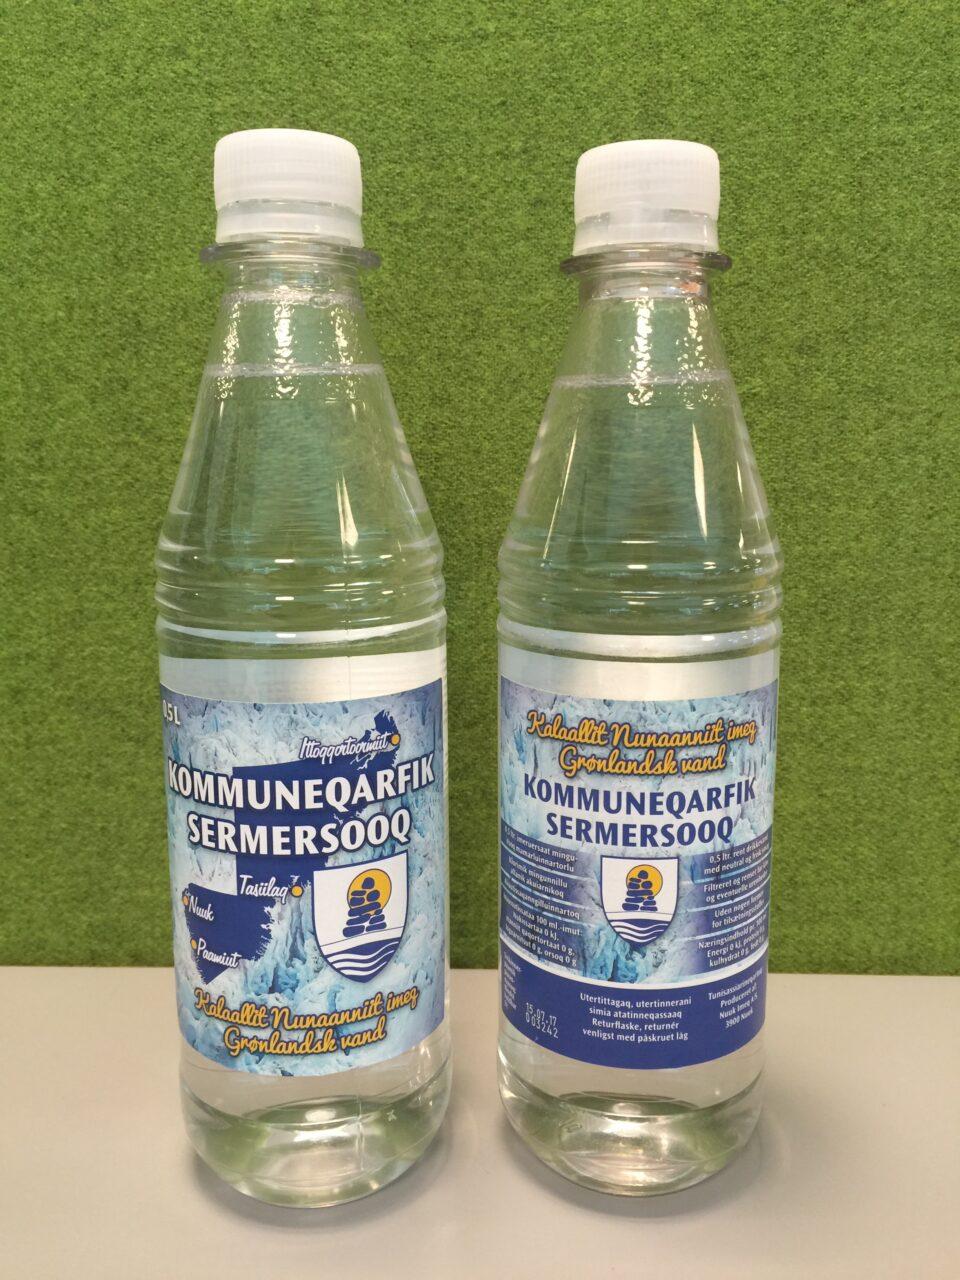 Sermersooq vandflaske etikette